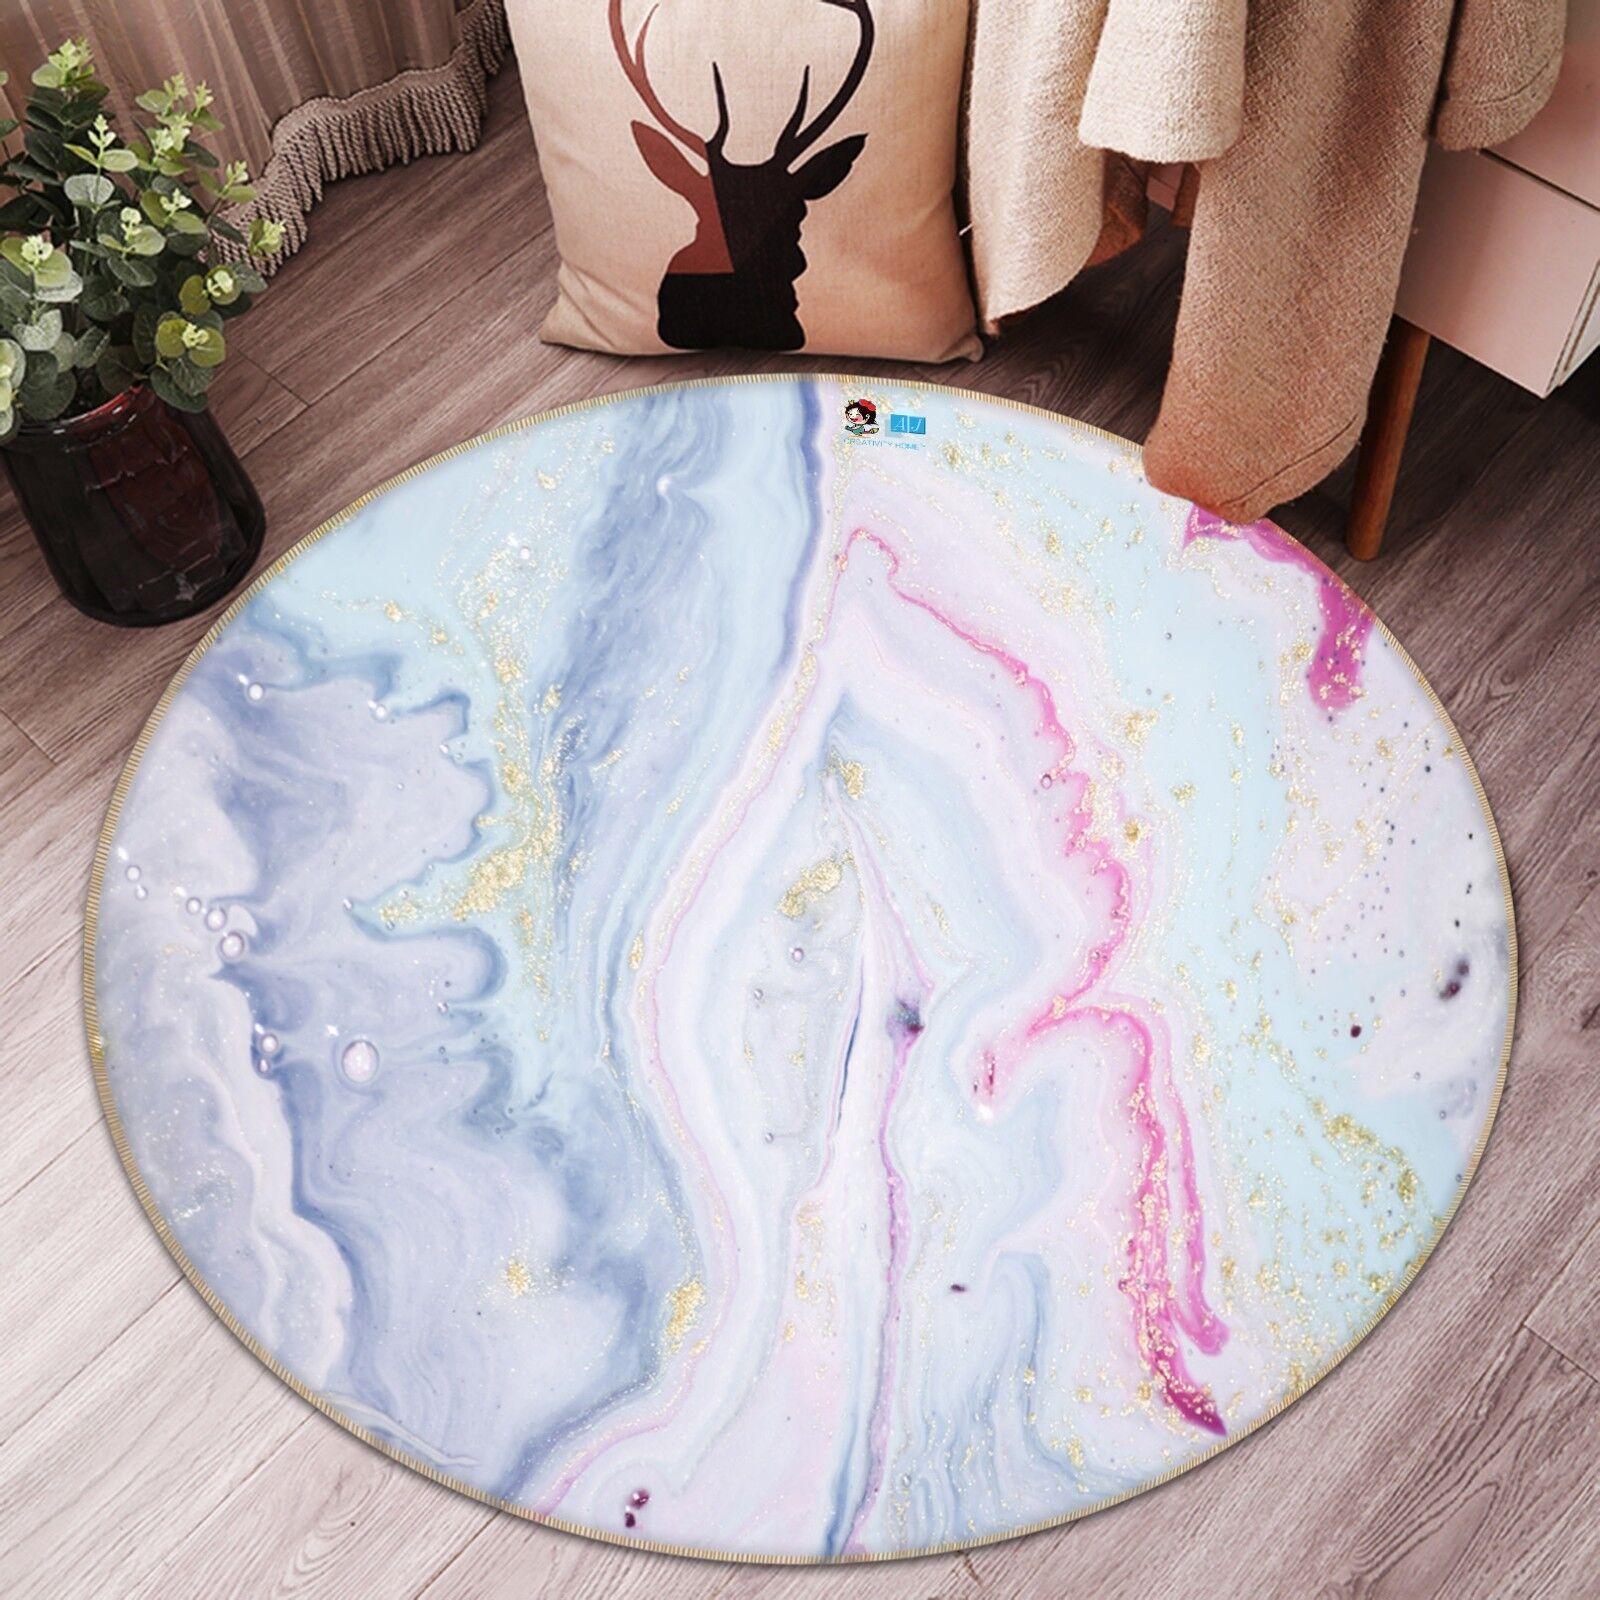 3D Bunte Kunst Malerei 7 Rutschfest Teppich Raum Raum Raum Matte Runden Elegant Teppich DE 38f02e